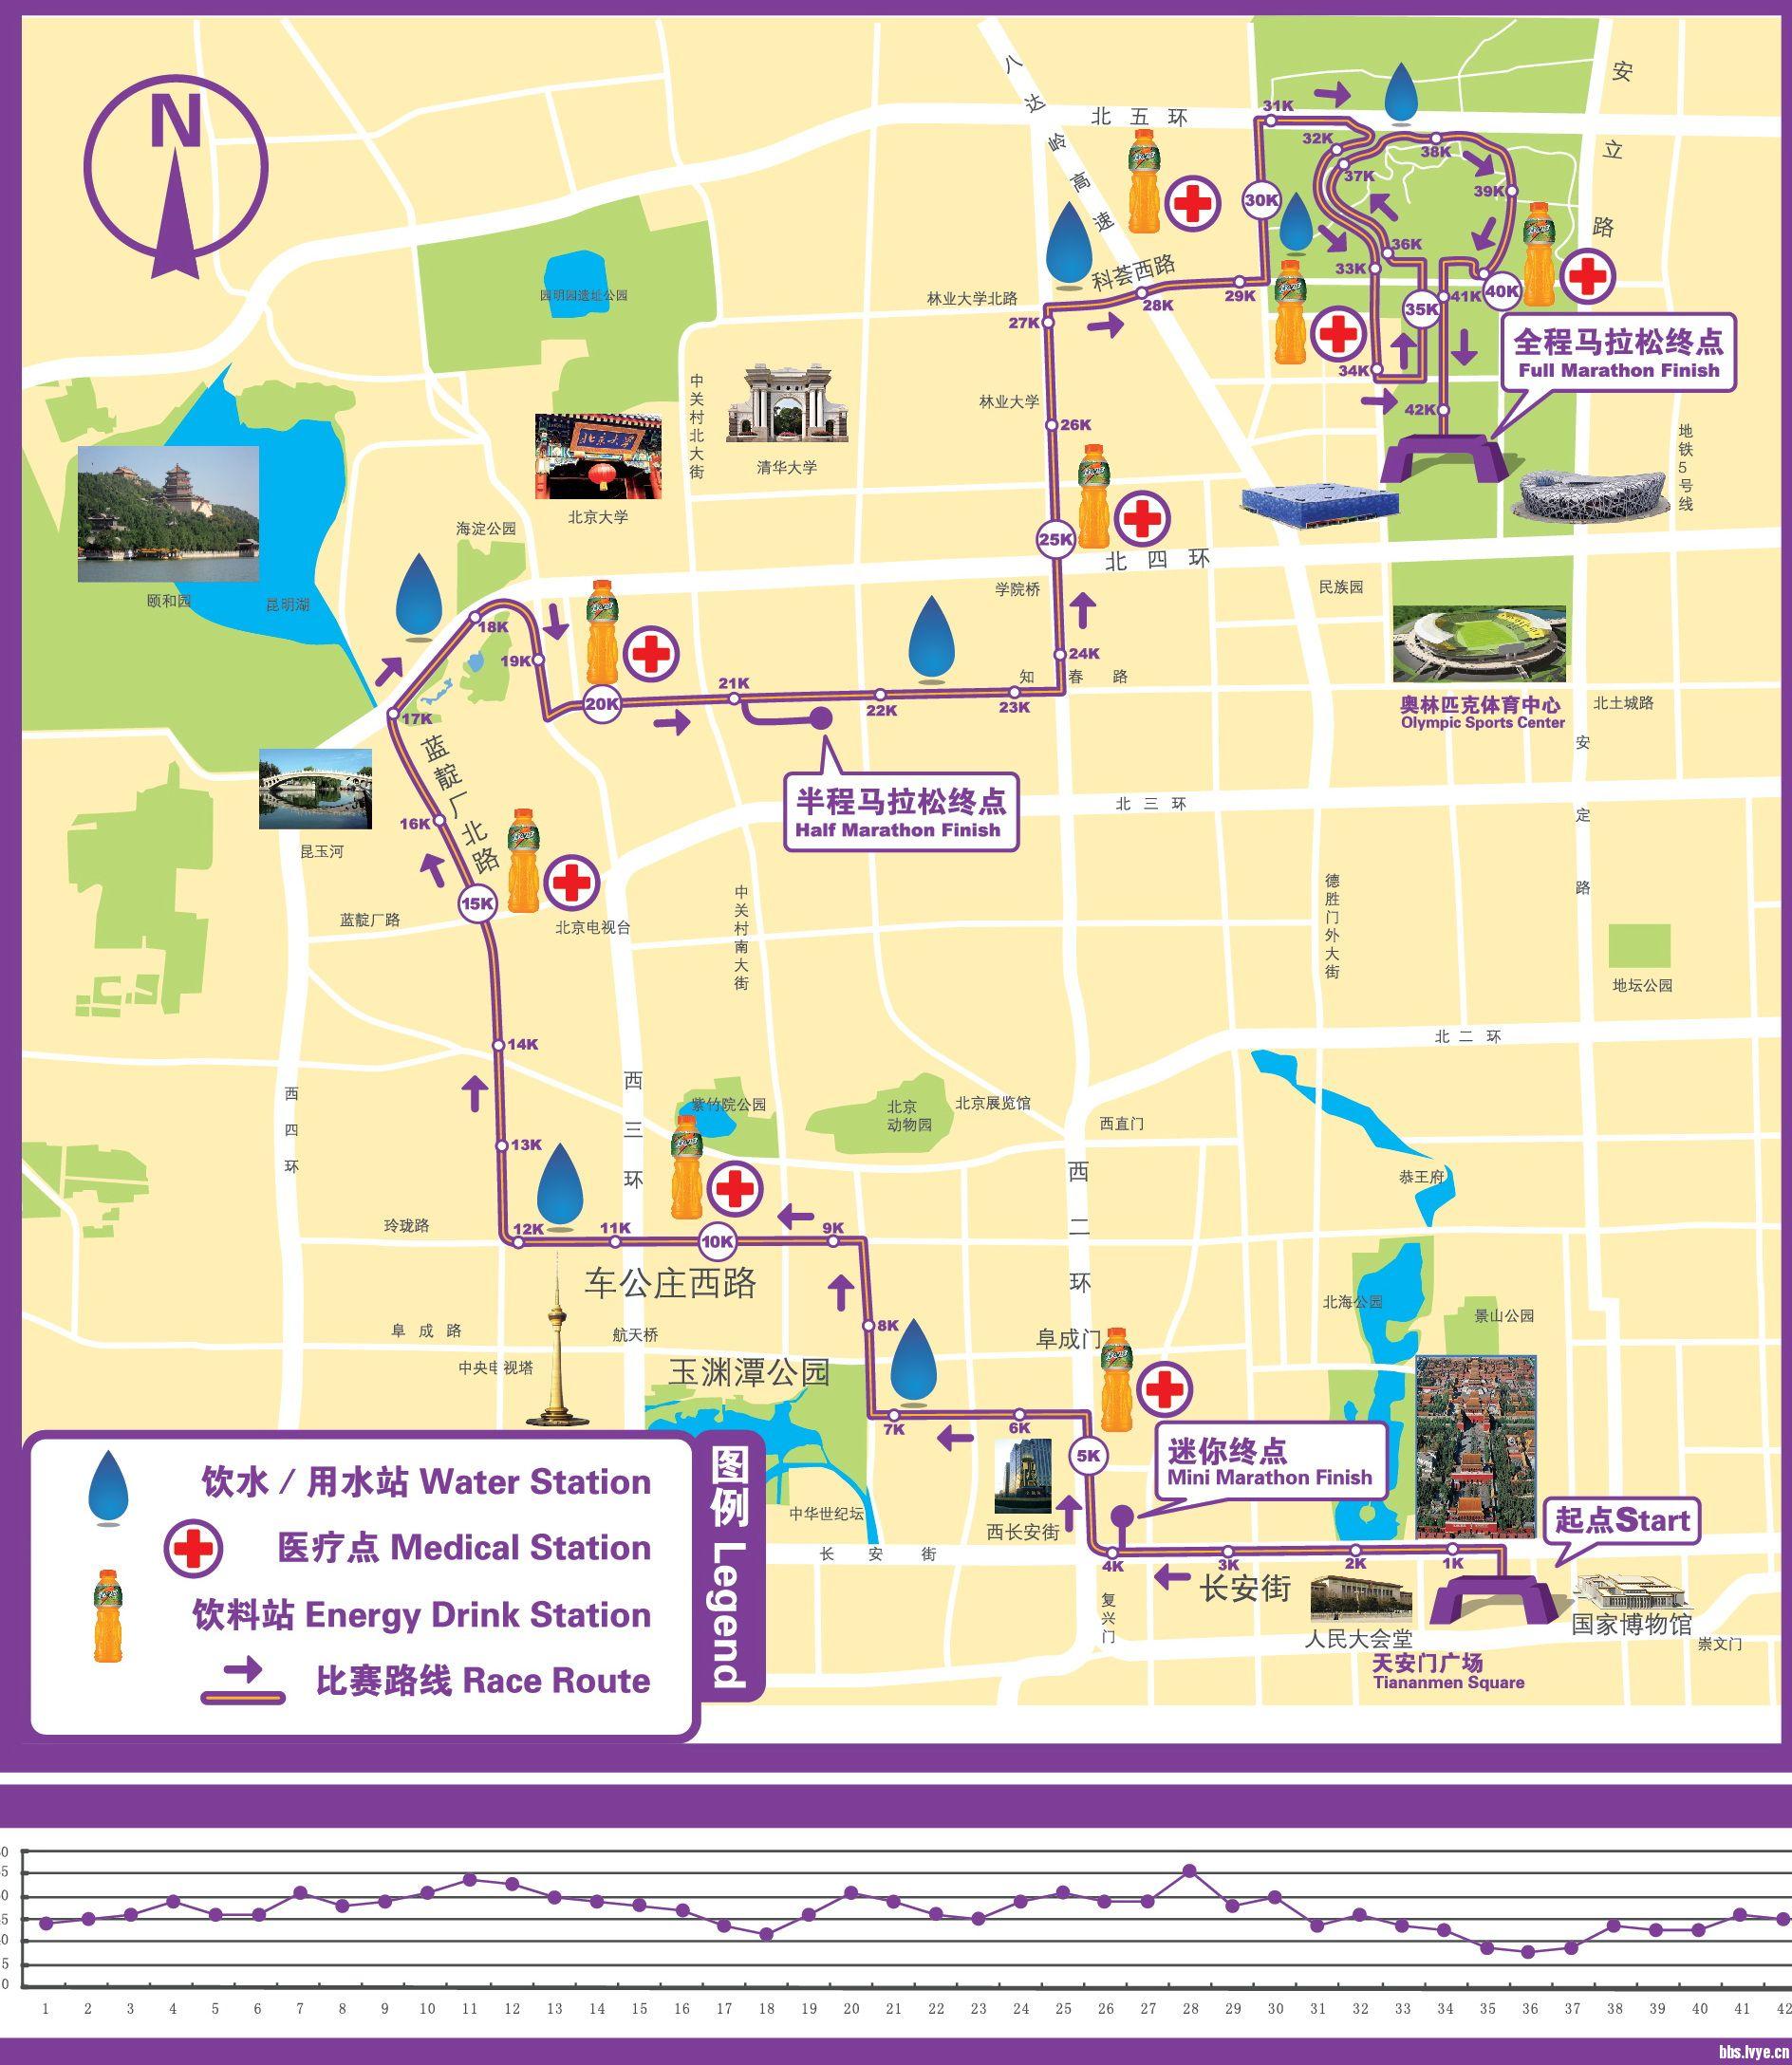 """明天""""北京国际马拉松""""都有谁参加呀?-绿野风版-绿野主版-绿野户外网"""